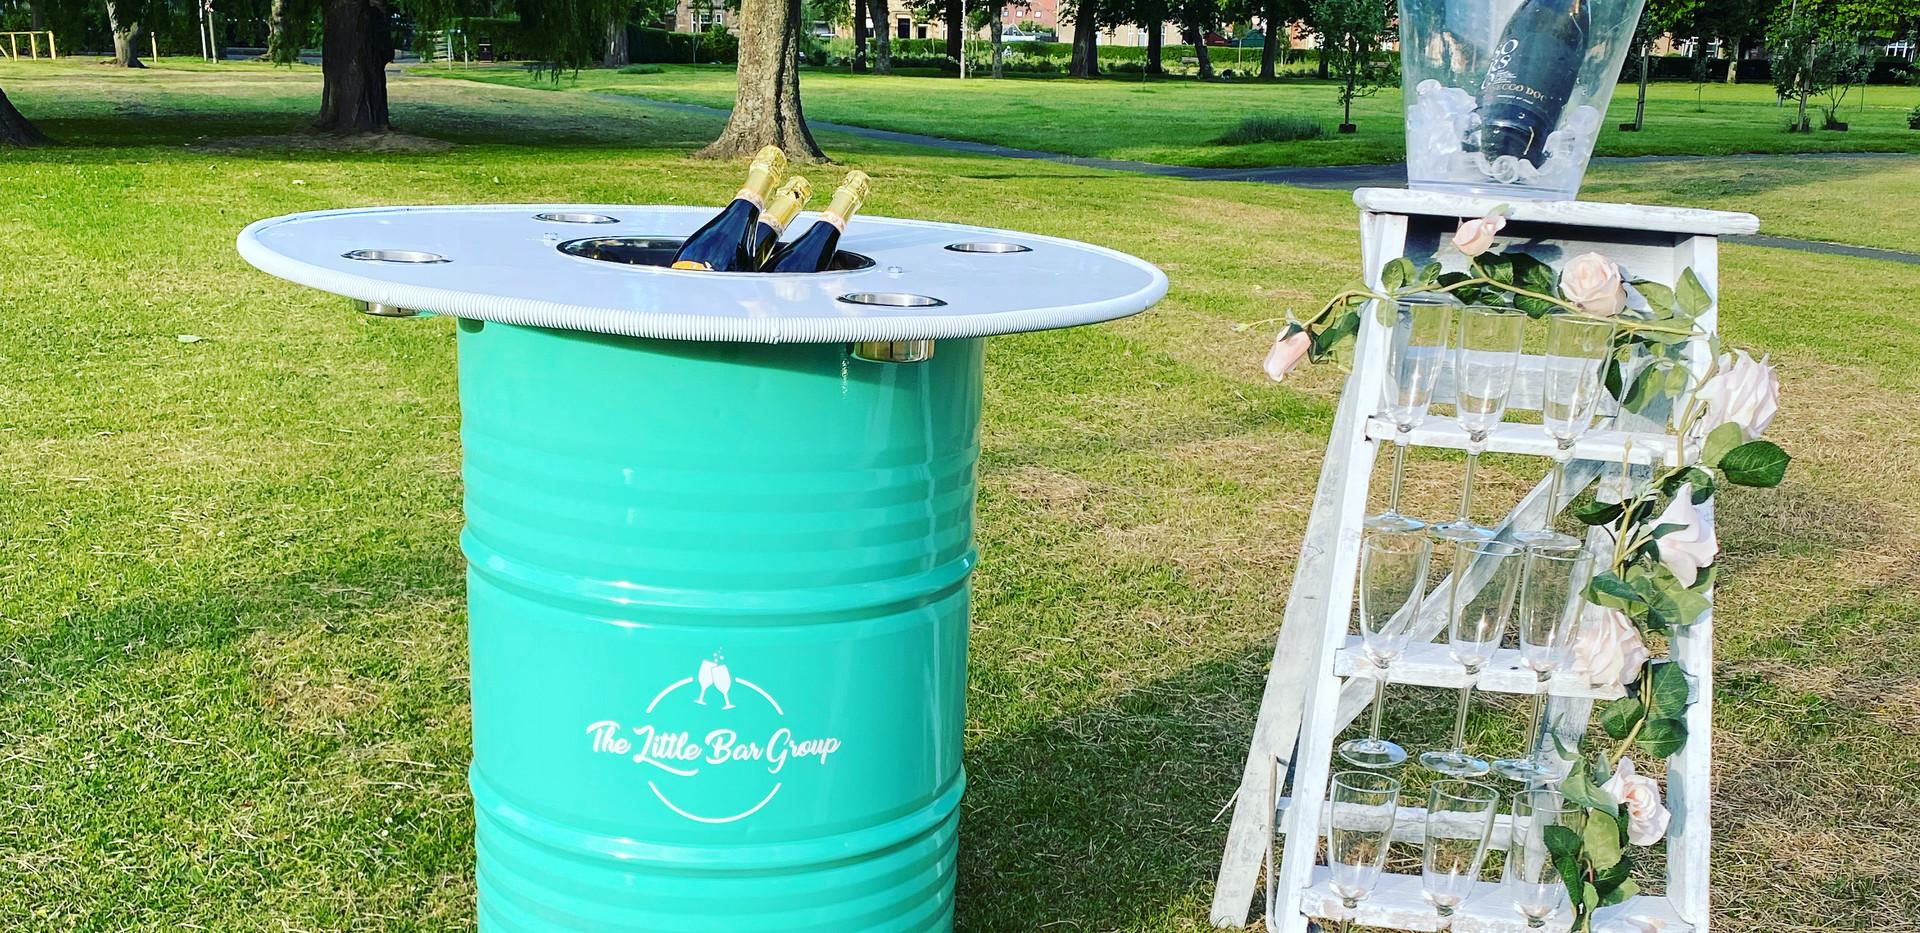 Boozy Barrel & Prosecco Ladder